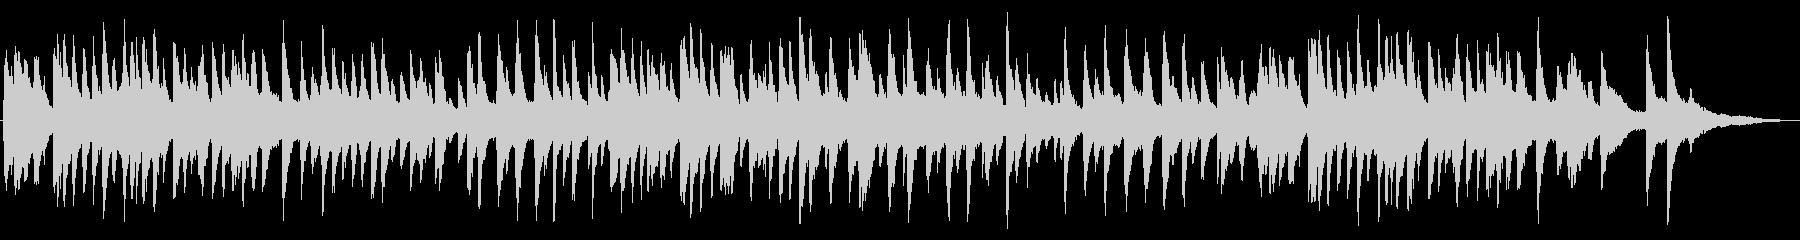 ジャズ風の明るいラウンジピアノの未再生の波形